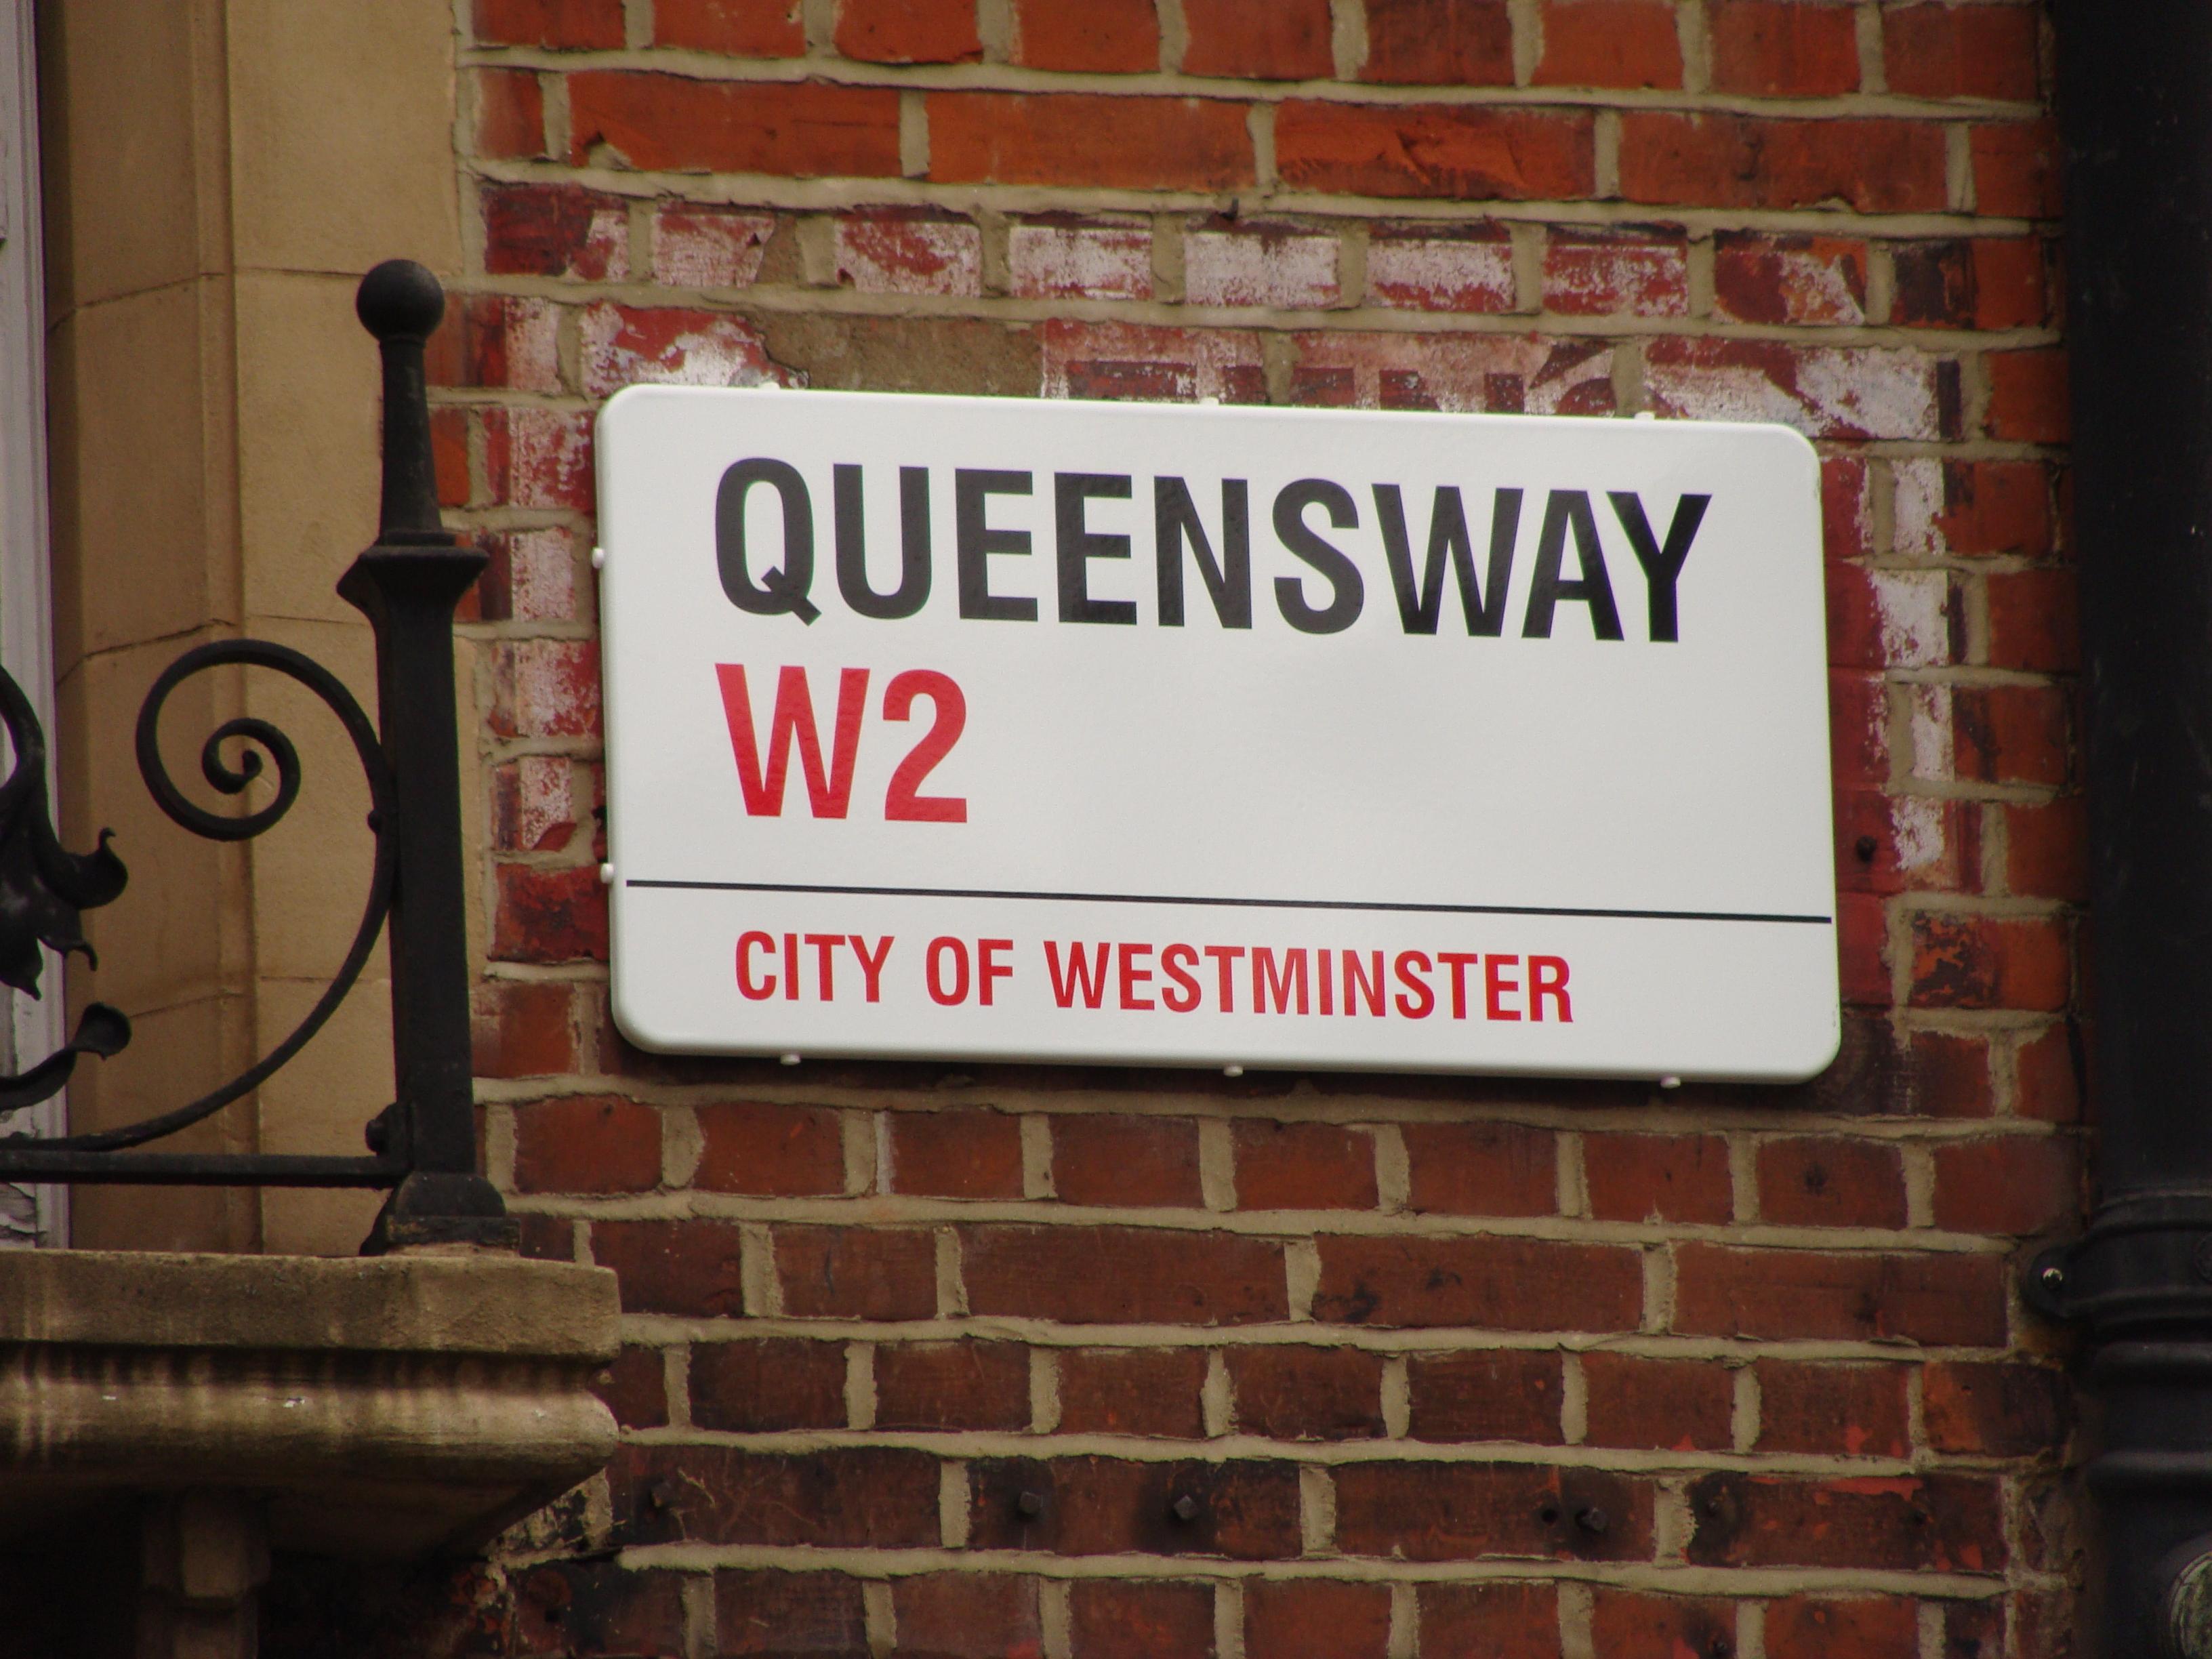 File:Queensway W2.001 - London.JPG